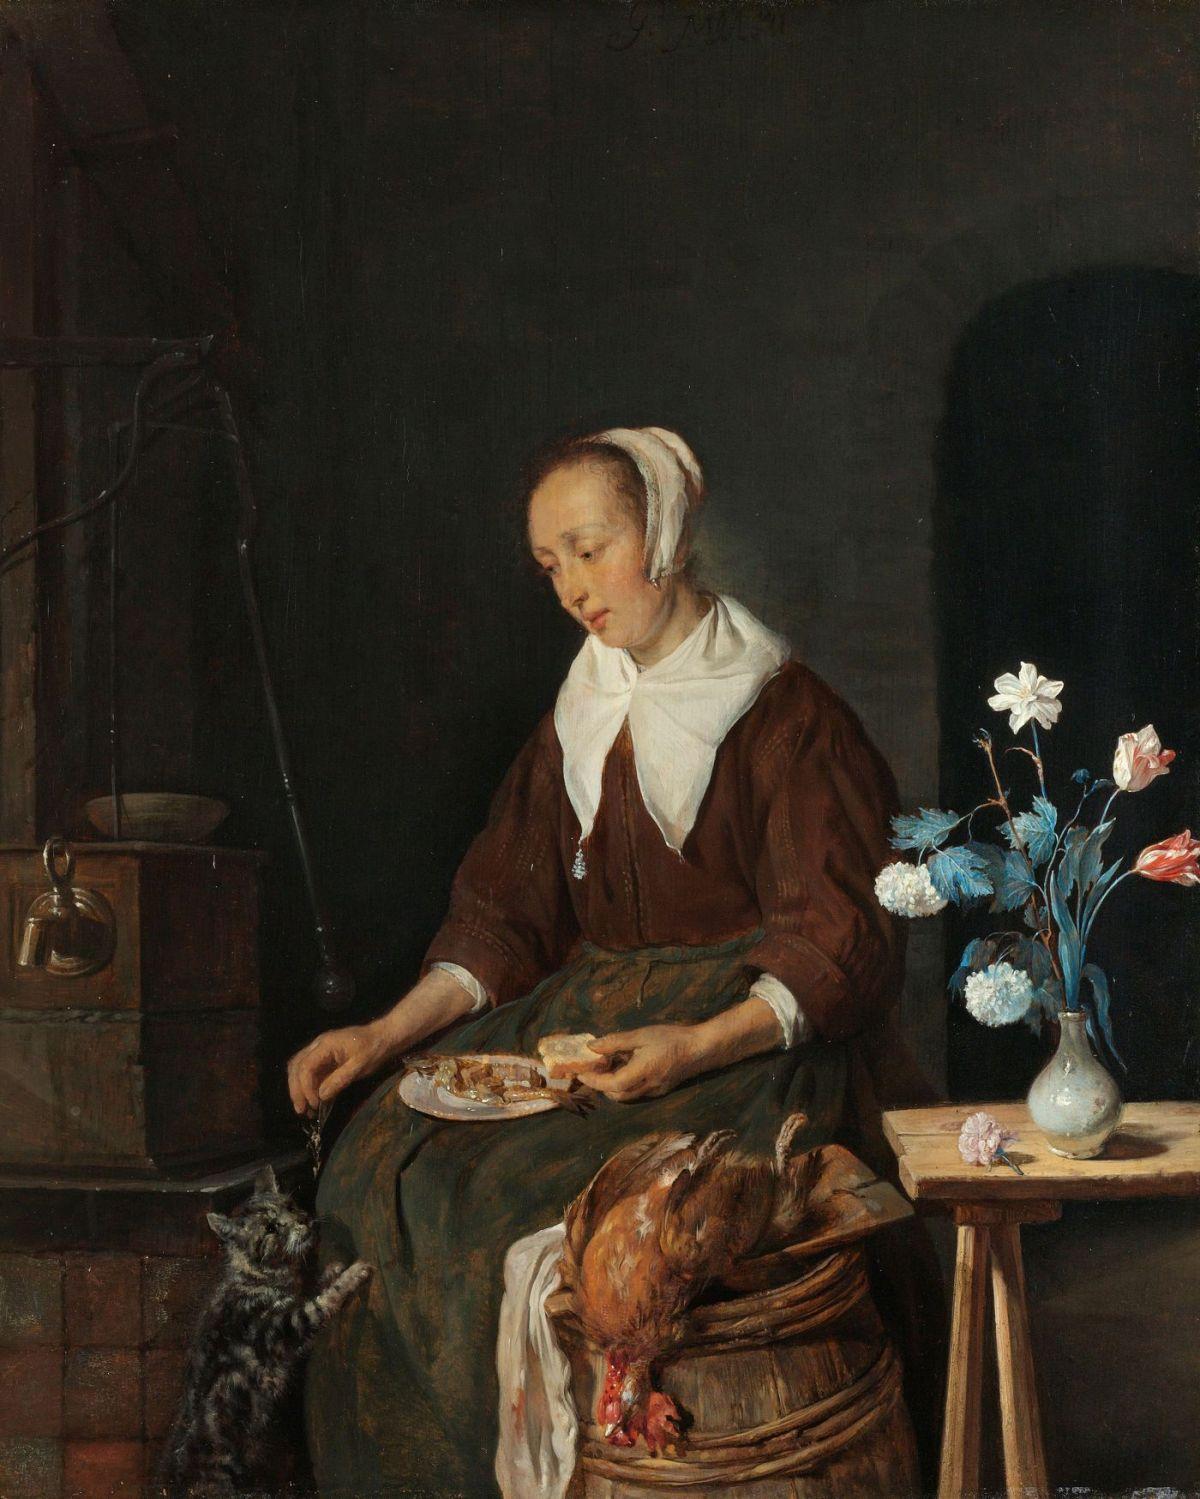 Woman Eating by Gabriel Metsu